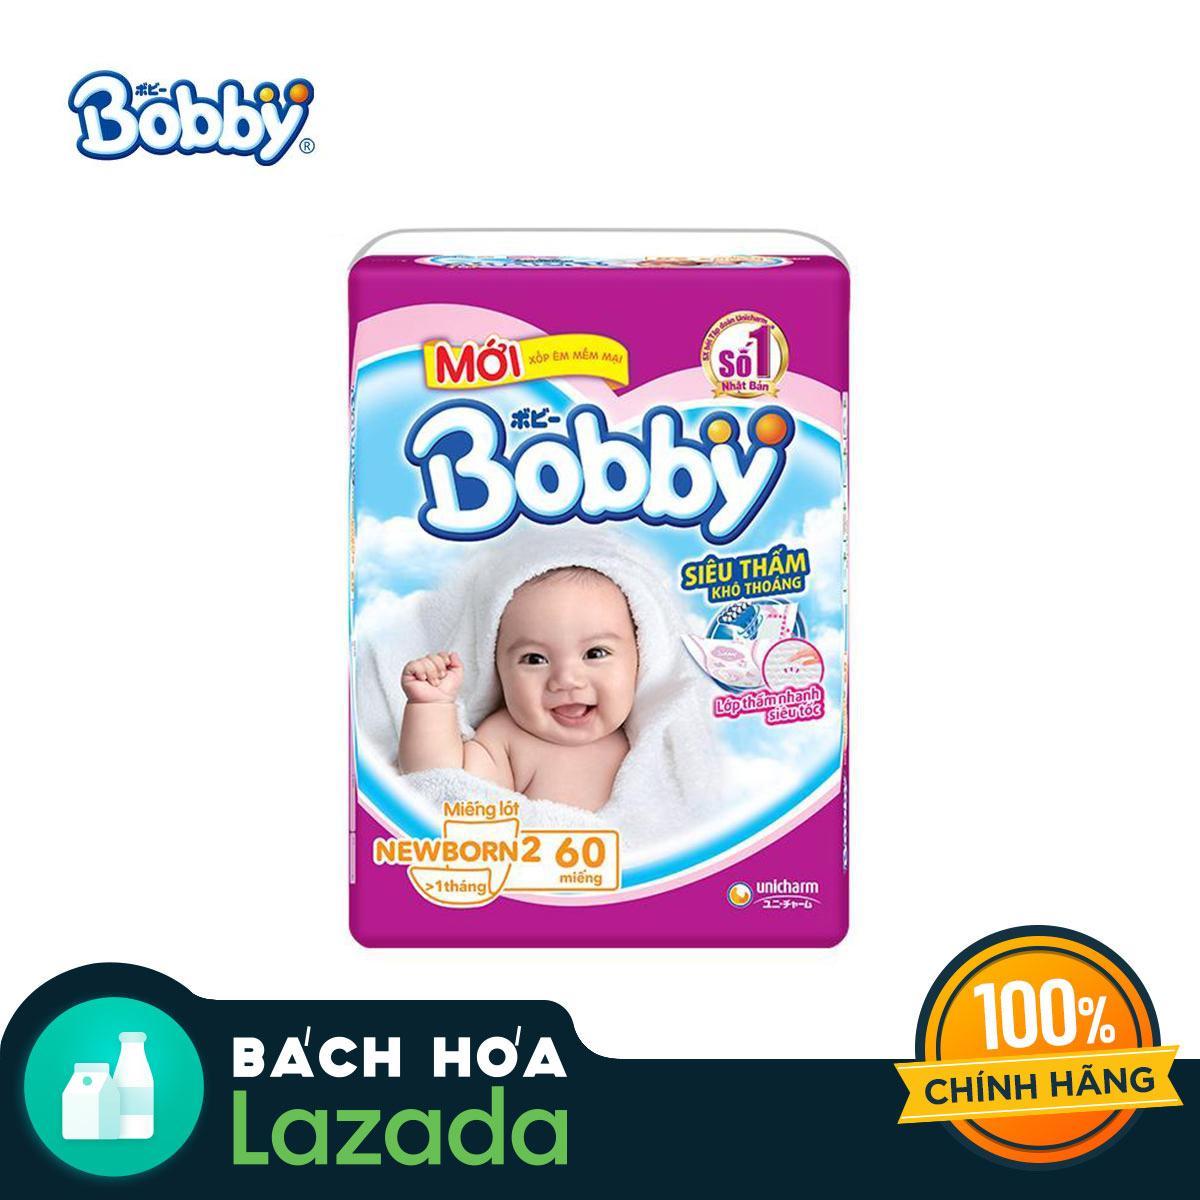 Miếng lót sơ sinh Bobby gói lớn Newborn 2-60 miếng (0-5kg)